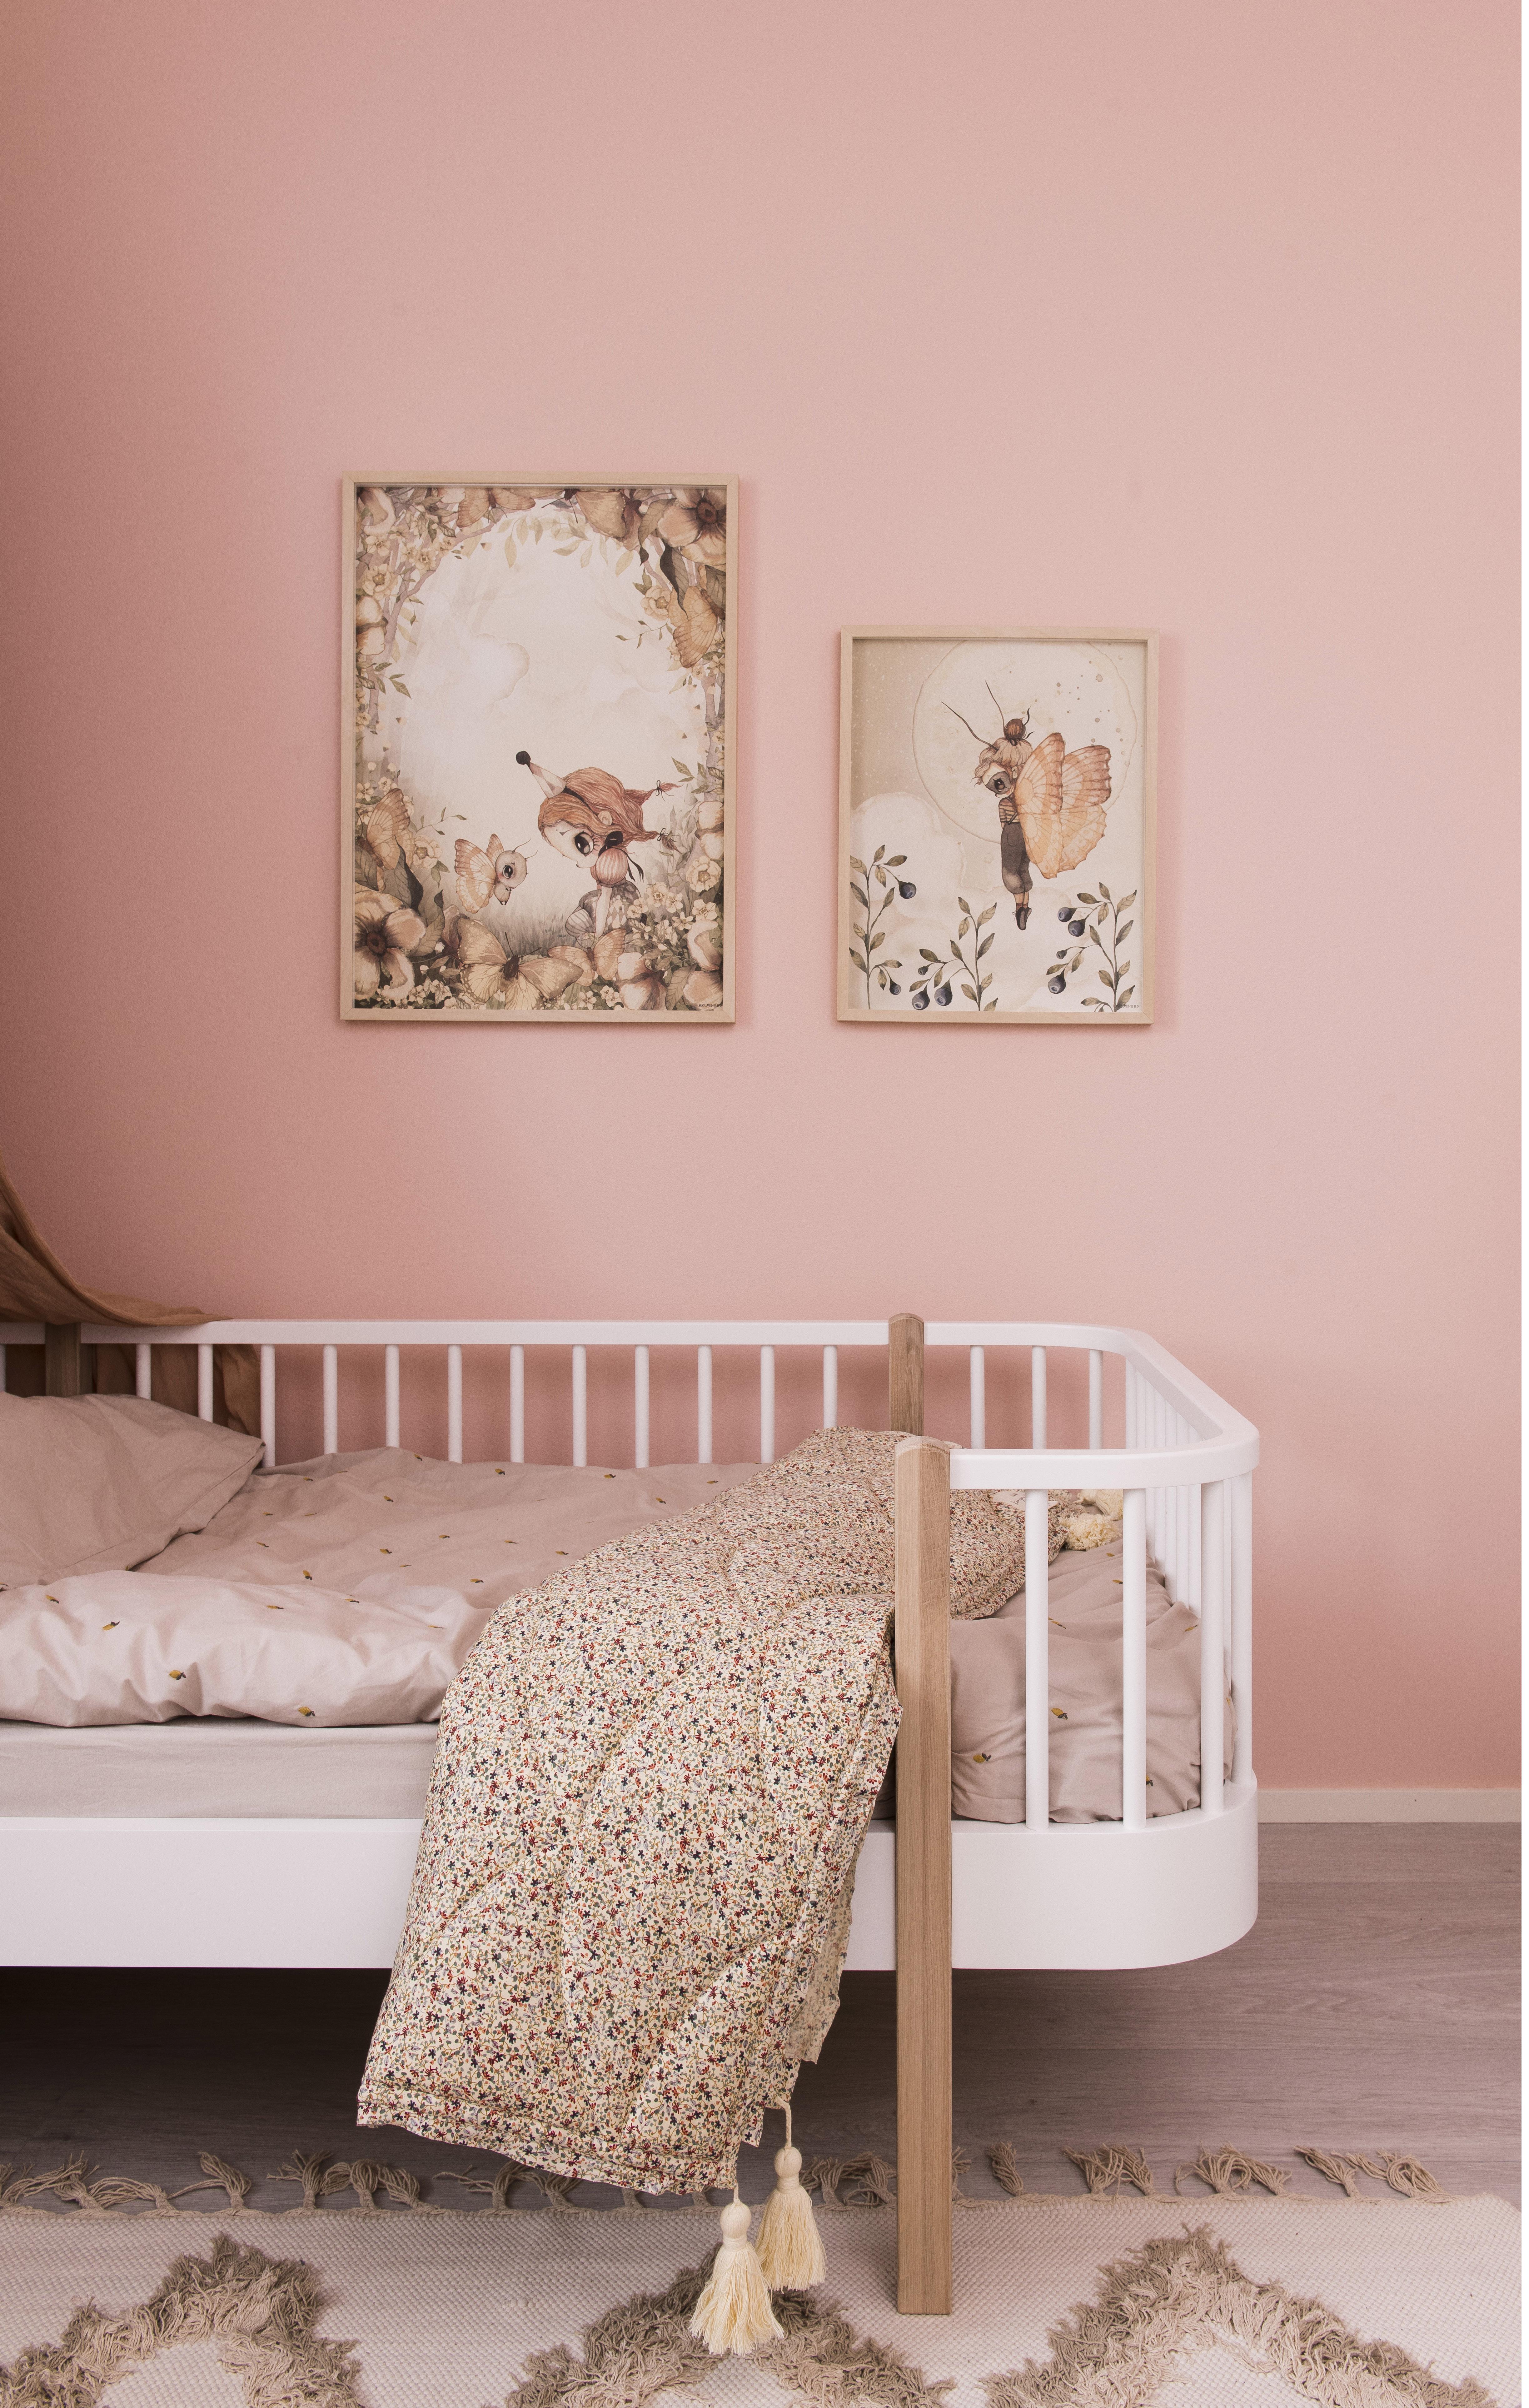 Lastenhuoneen sisustus kevenee pinnoja sisältävien huonekalujen avulla